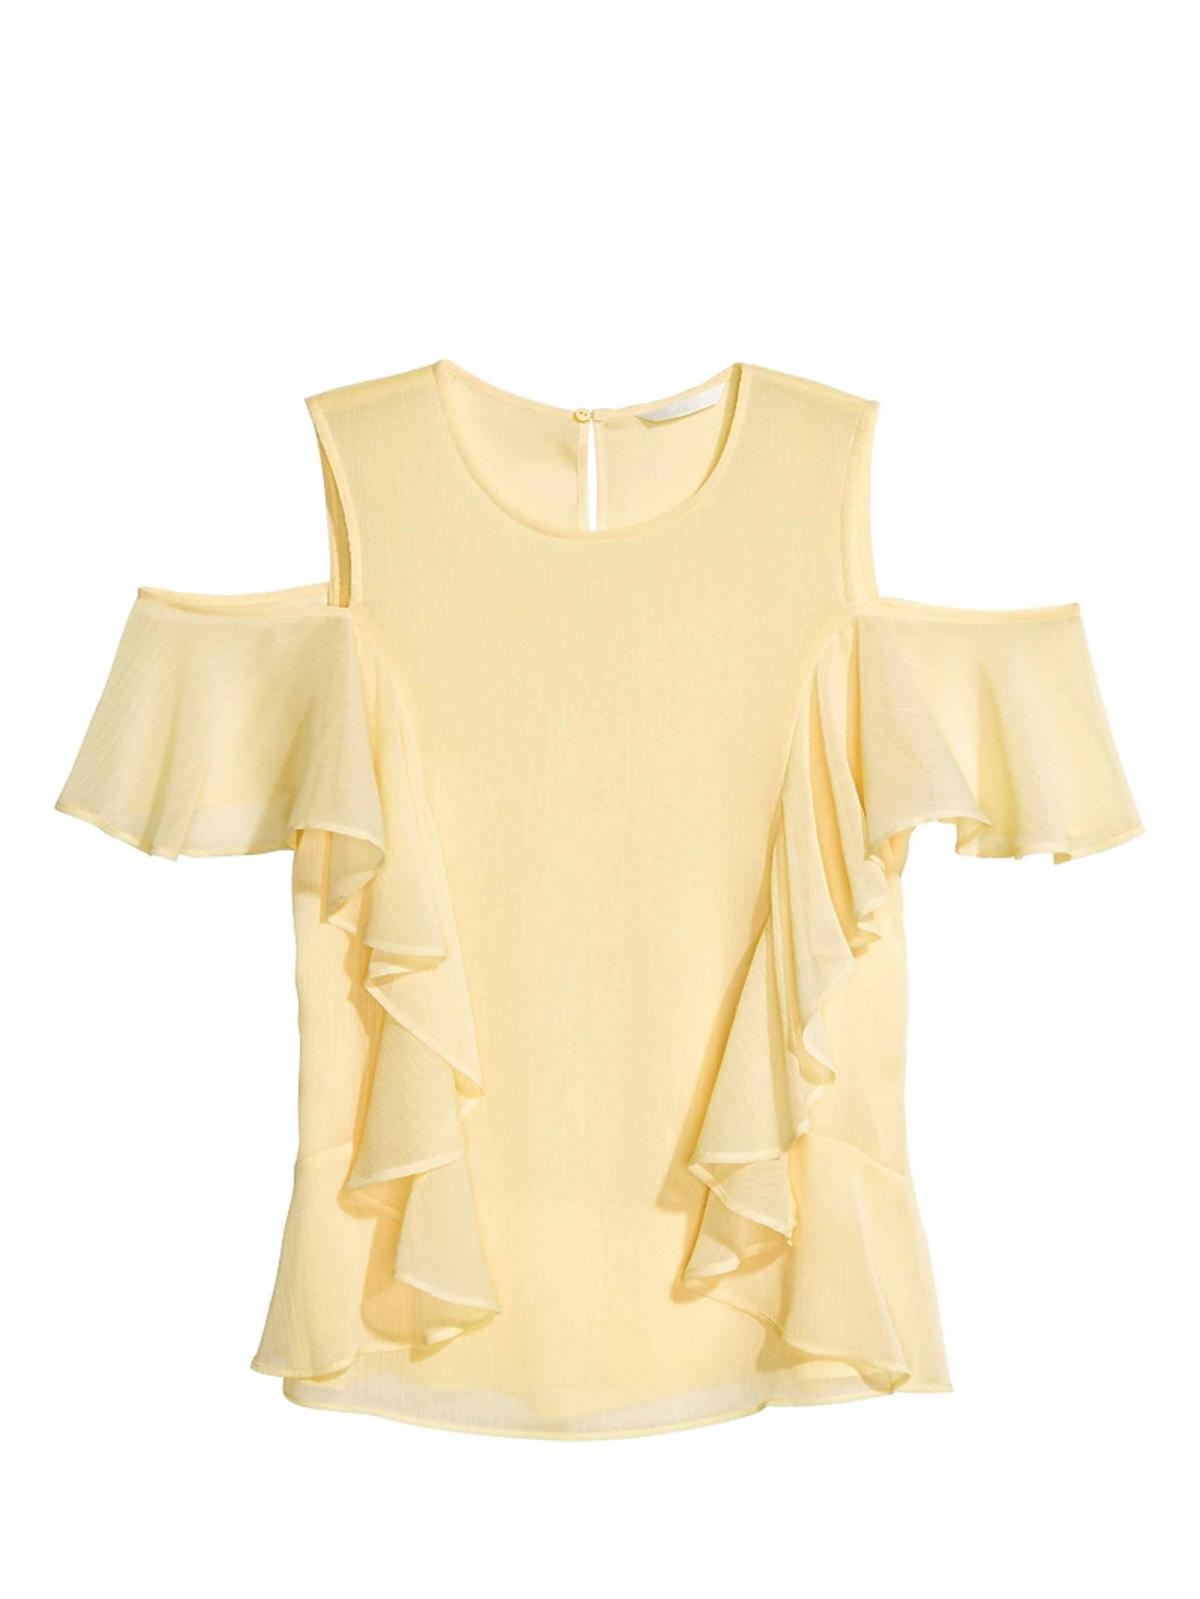 Bluzka z odkrytymi rękawami, H&M, 99,00 zł